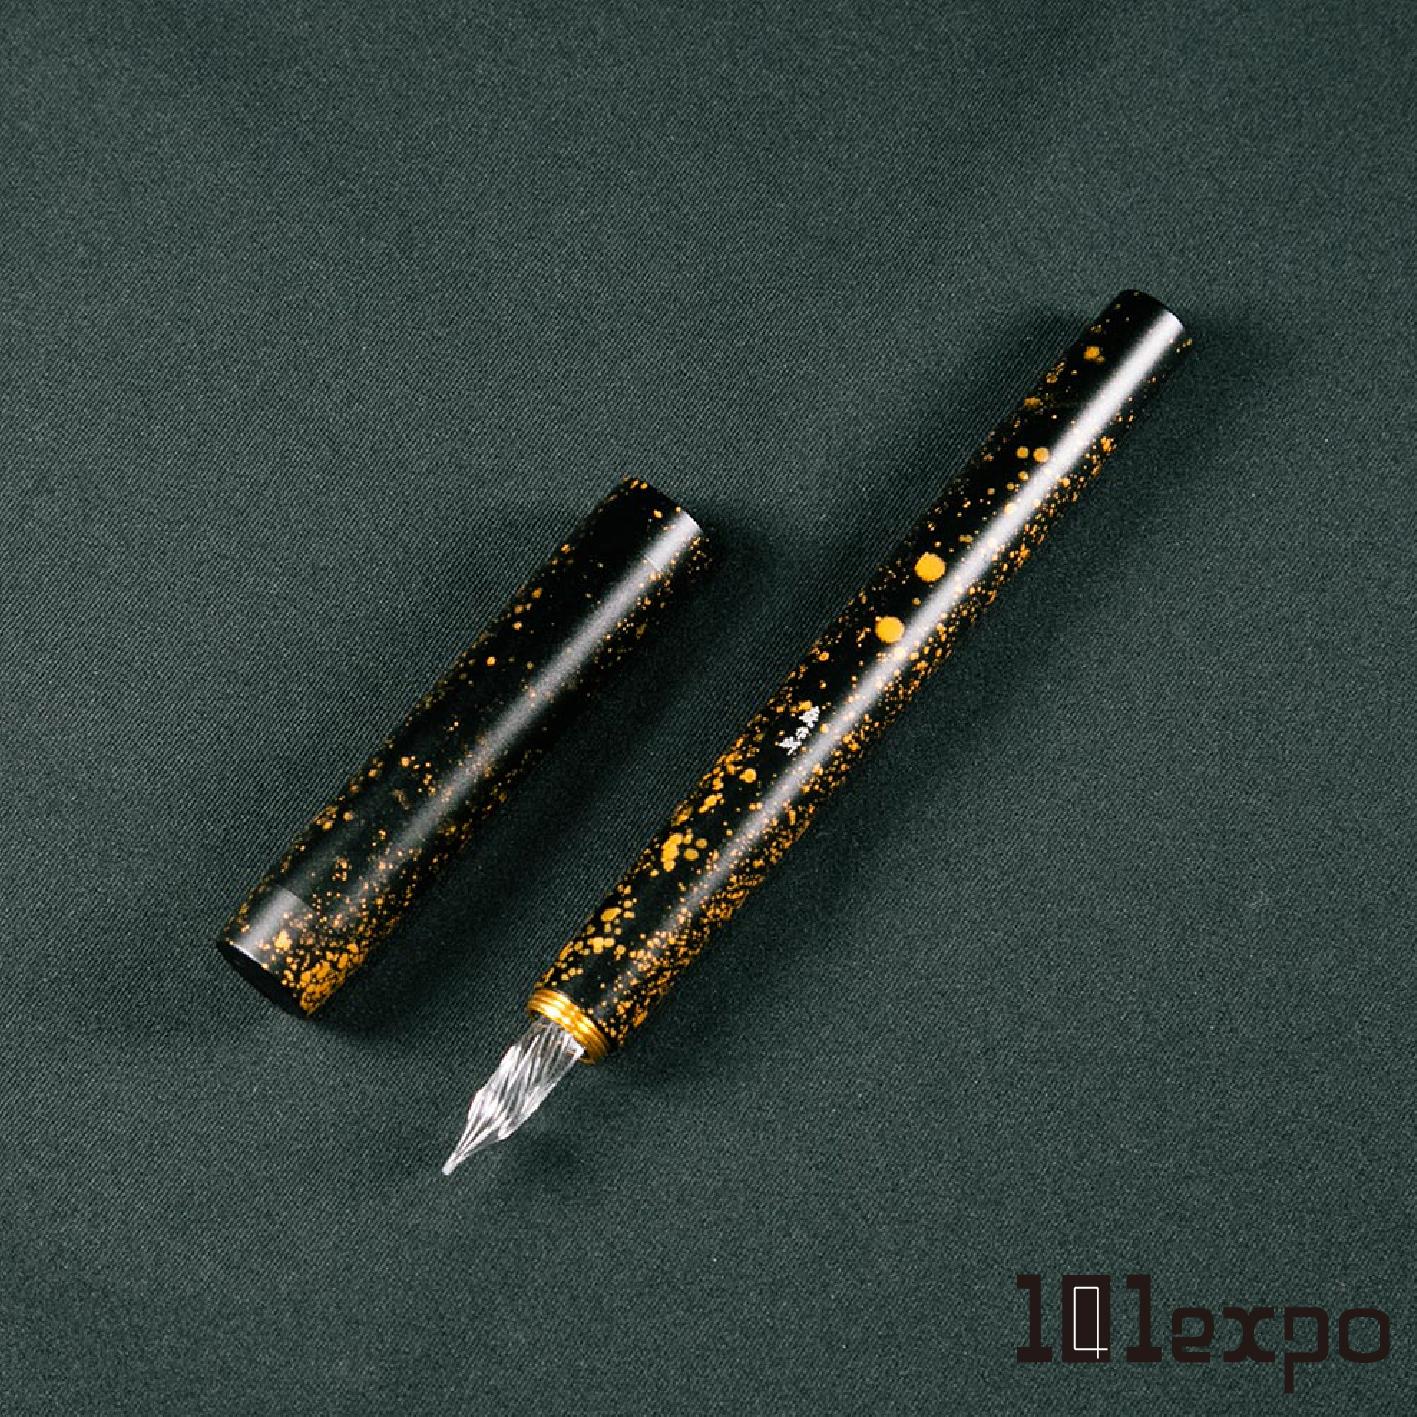 S980 玻璃尖鋼筆星辰系列